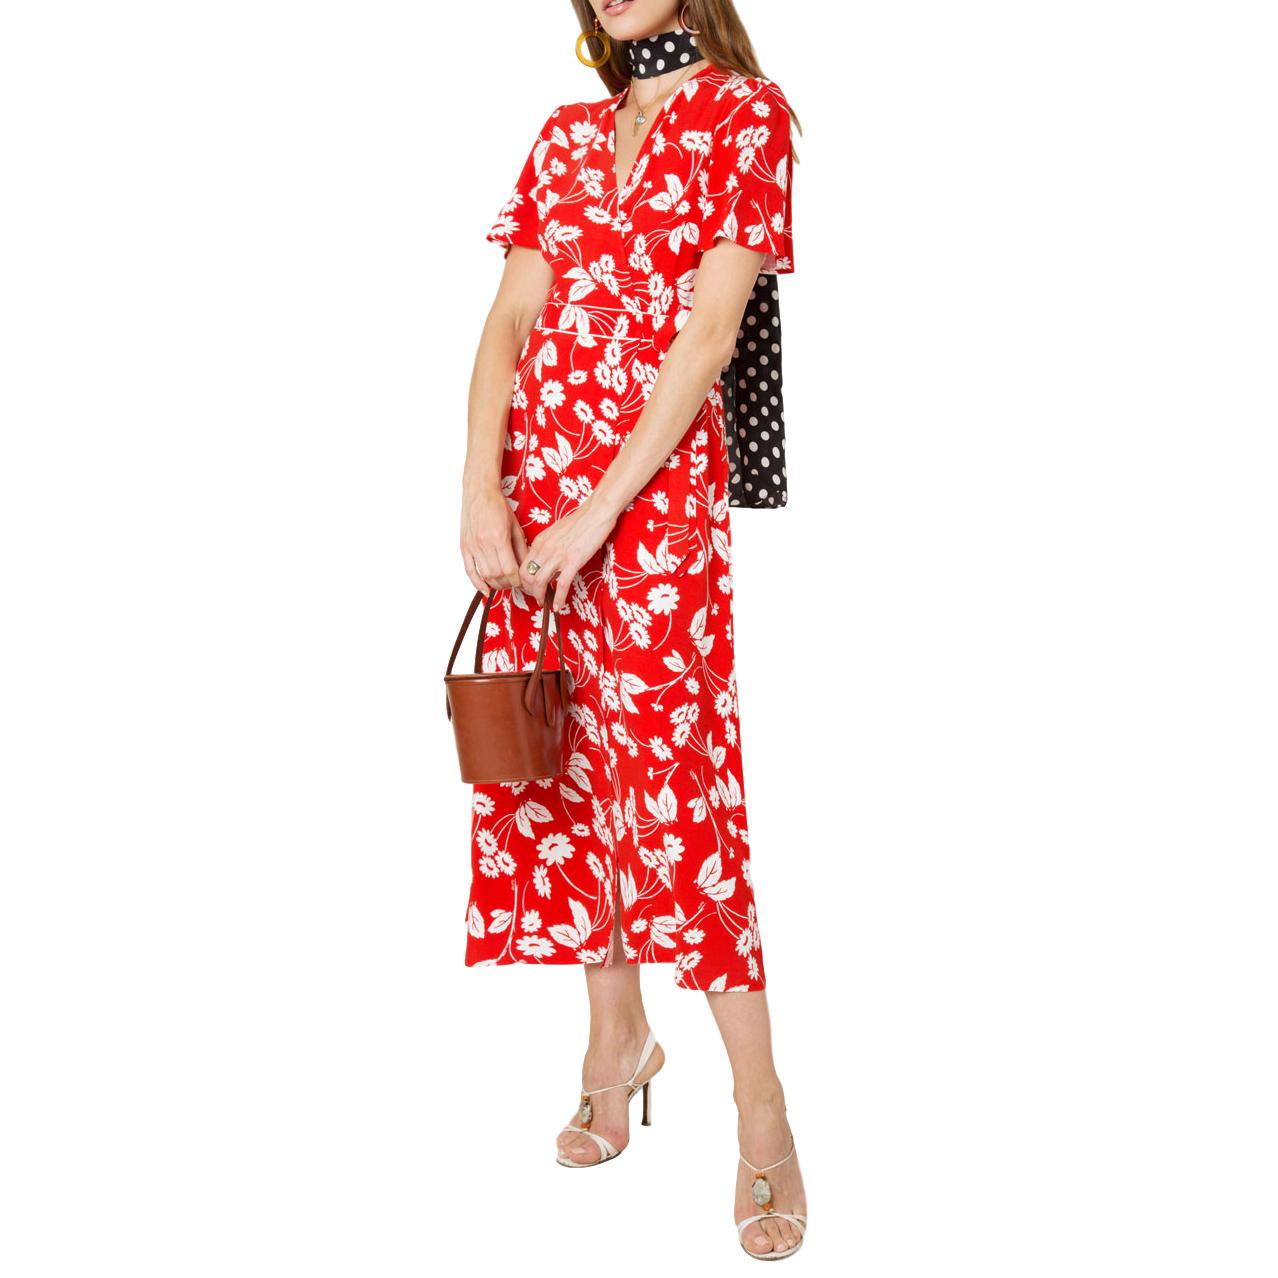 Rixo Shauna Abstract Daisy Red Midi Wrap Dress - Current